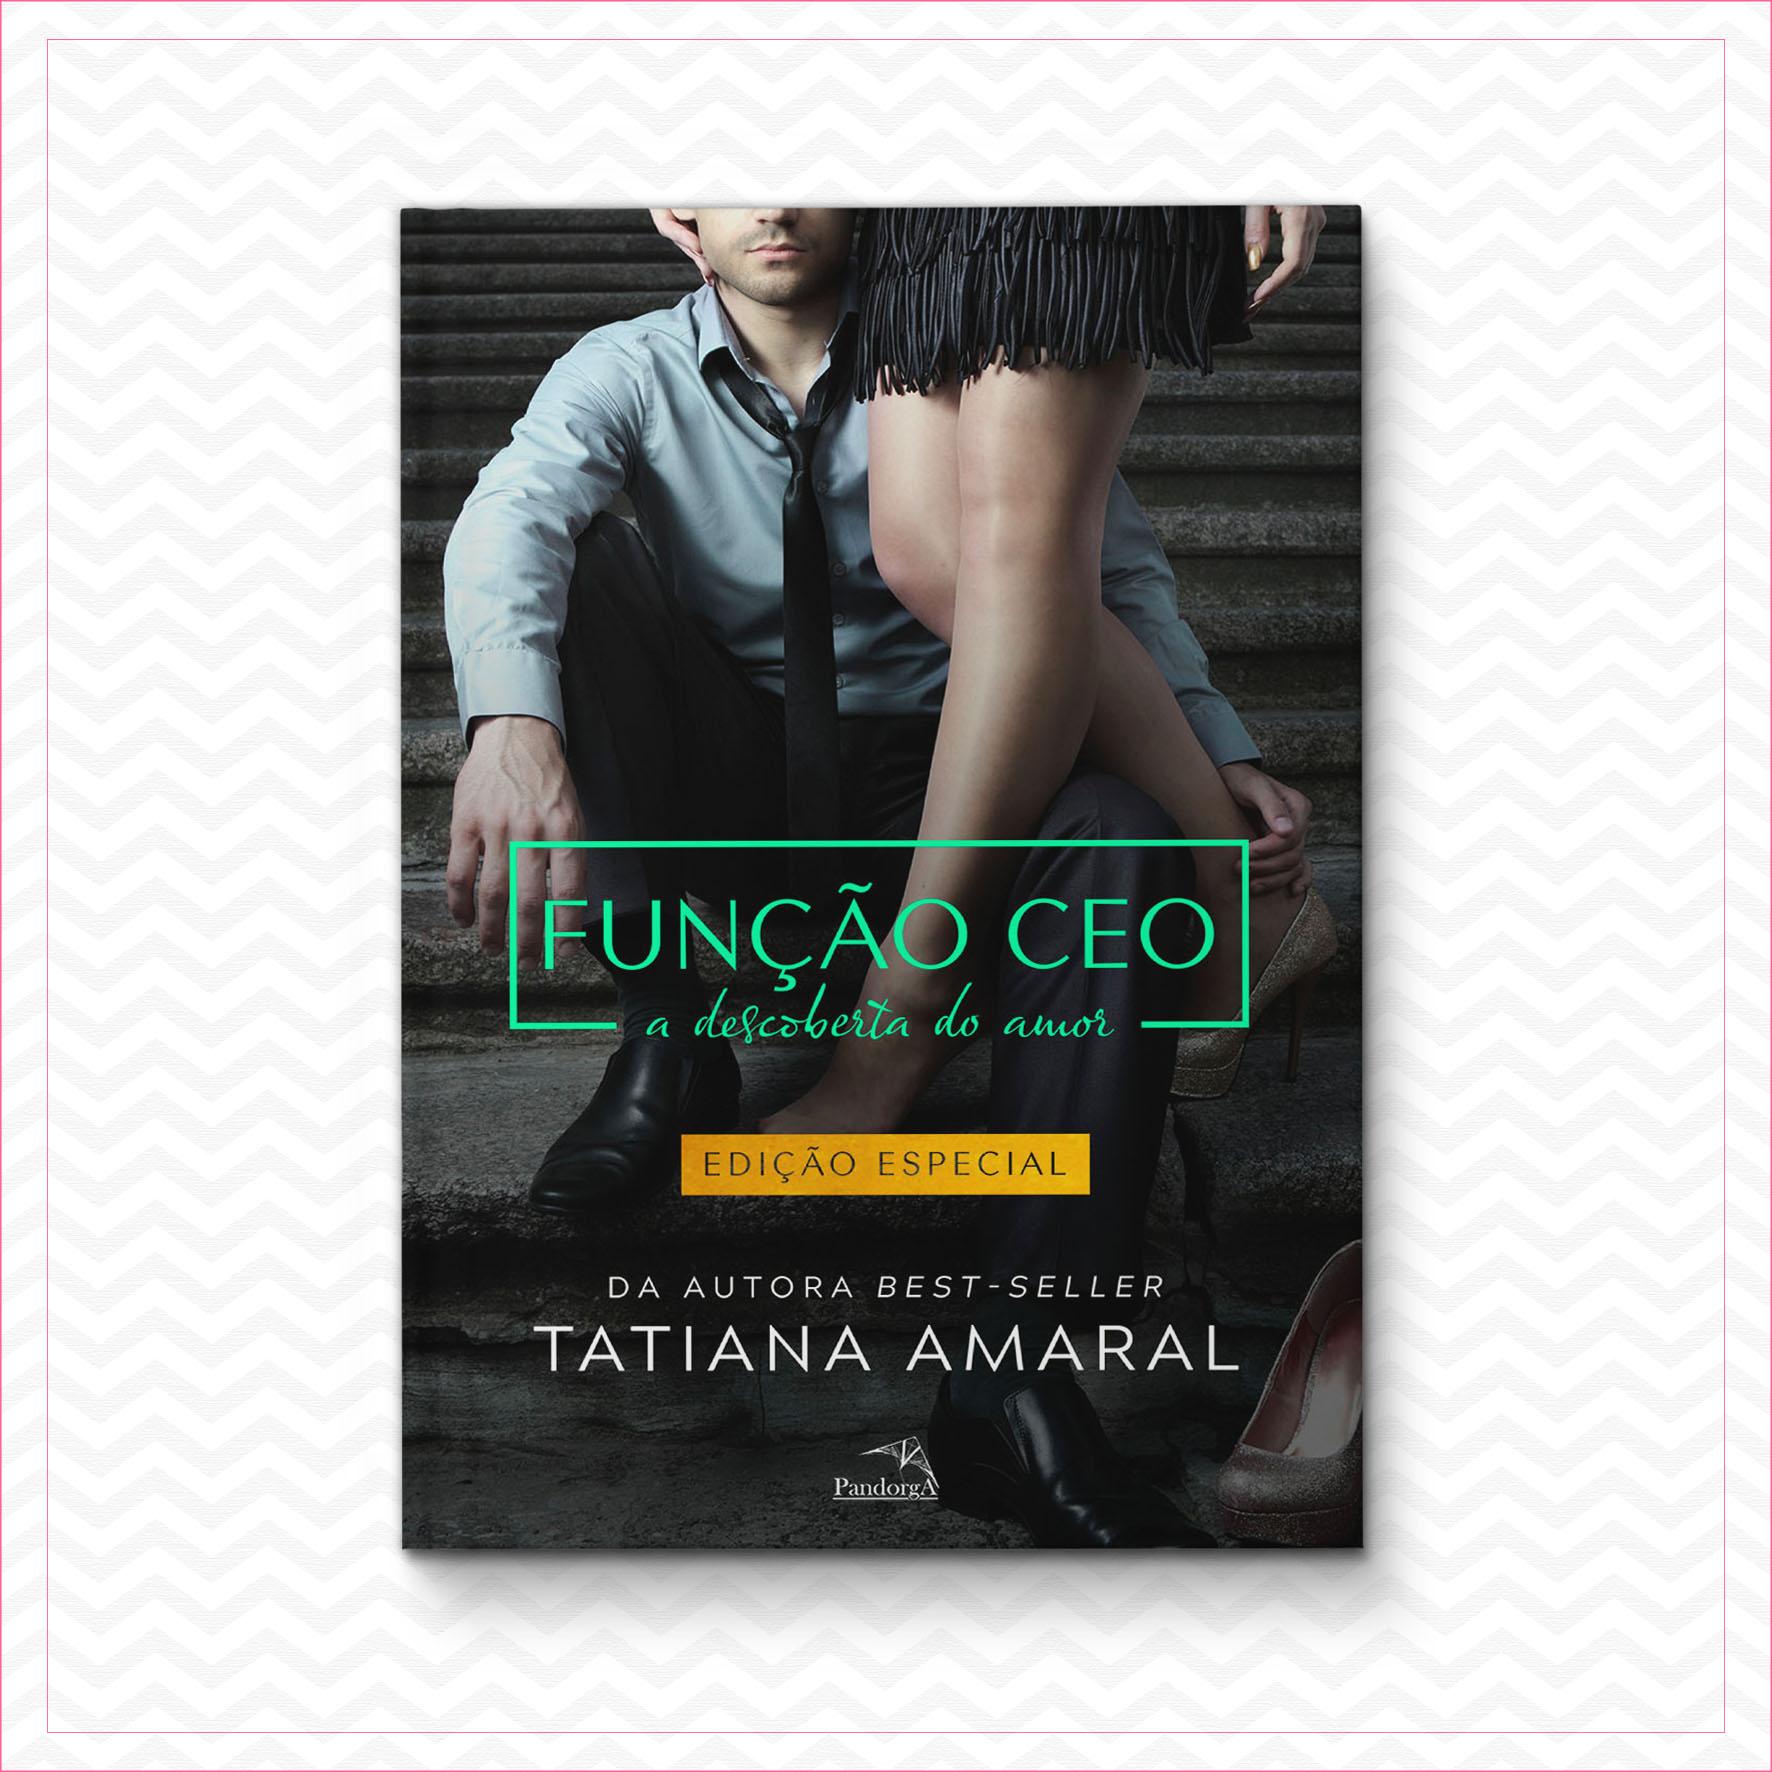 Função CEO 2 – Tatiana Amaral